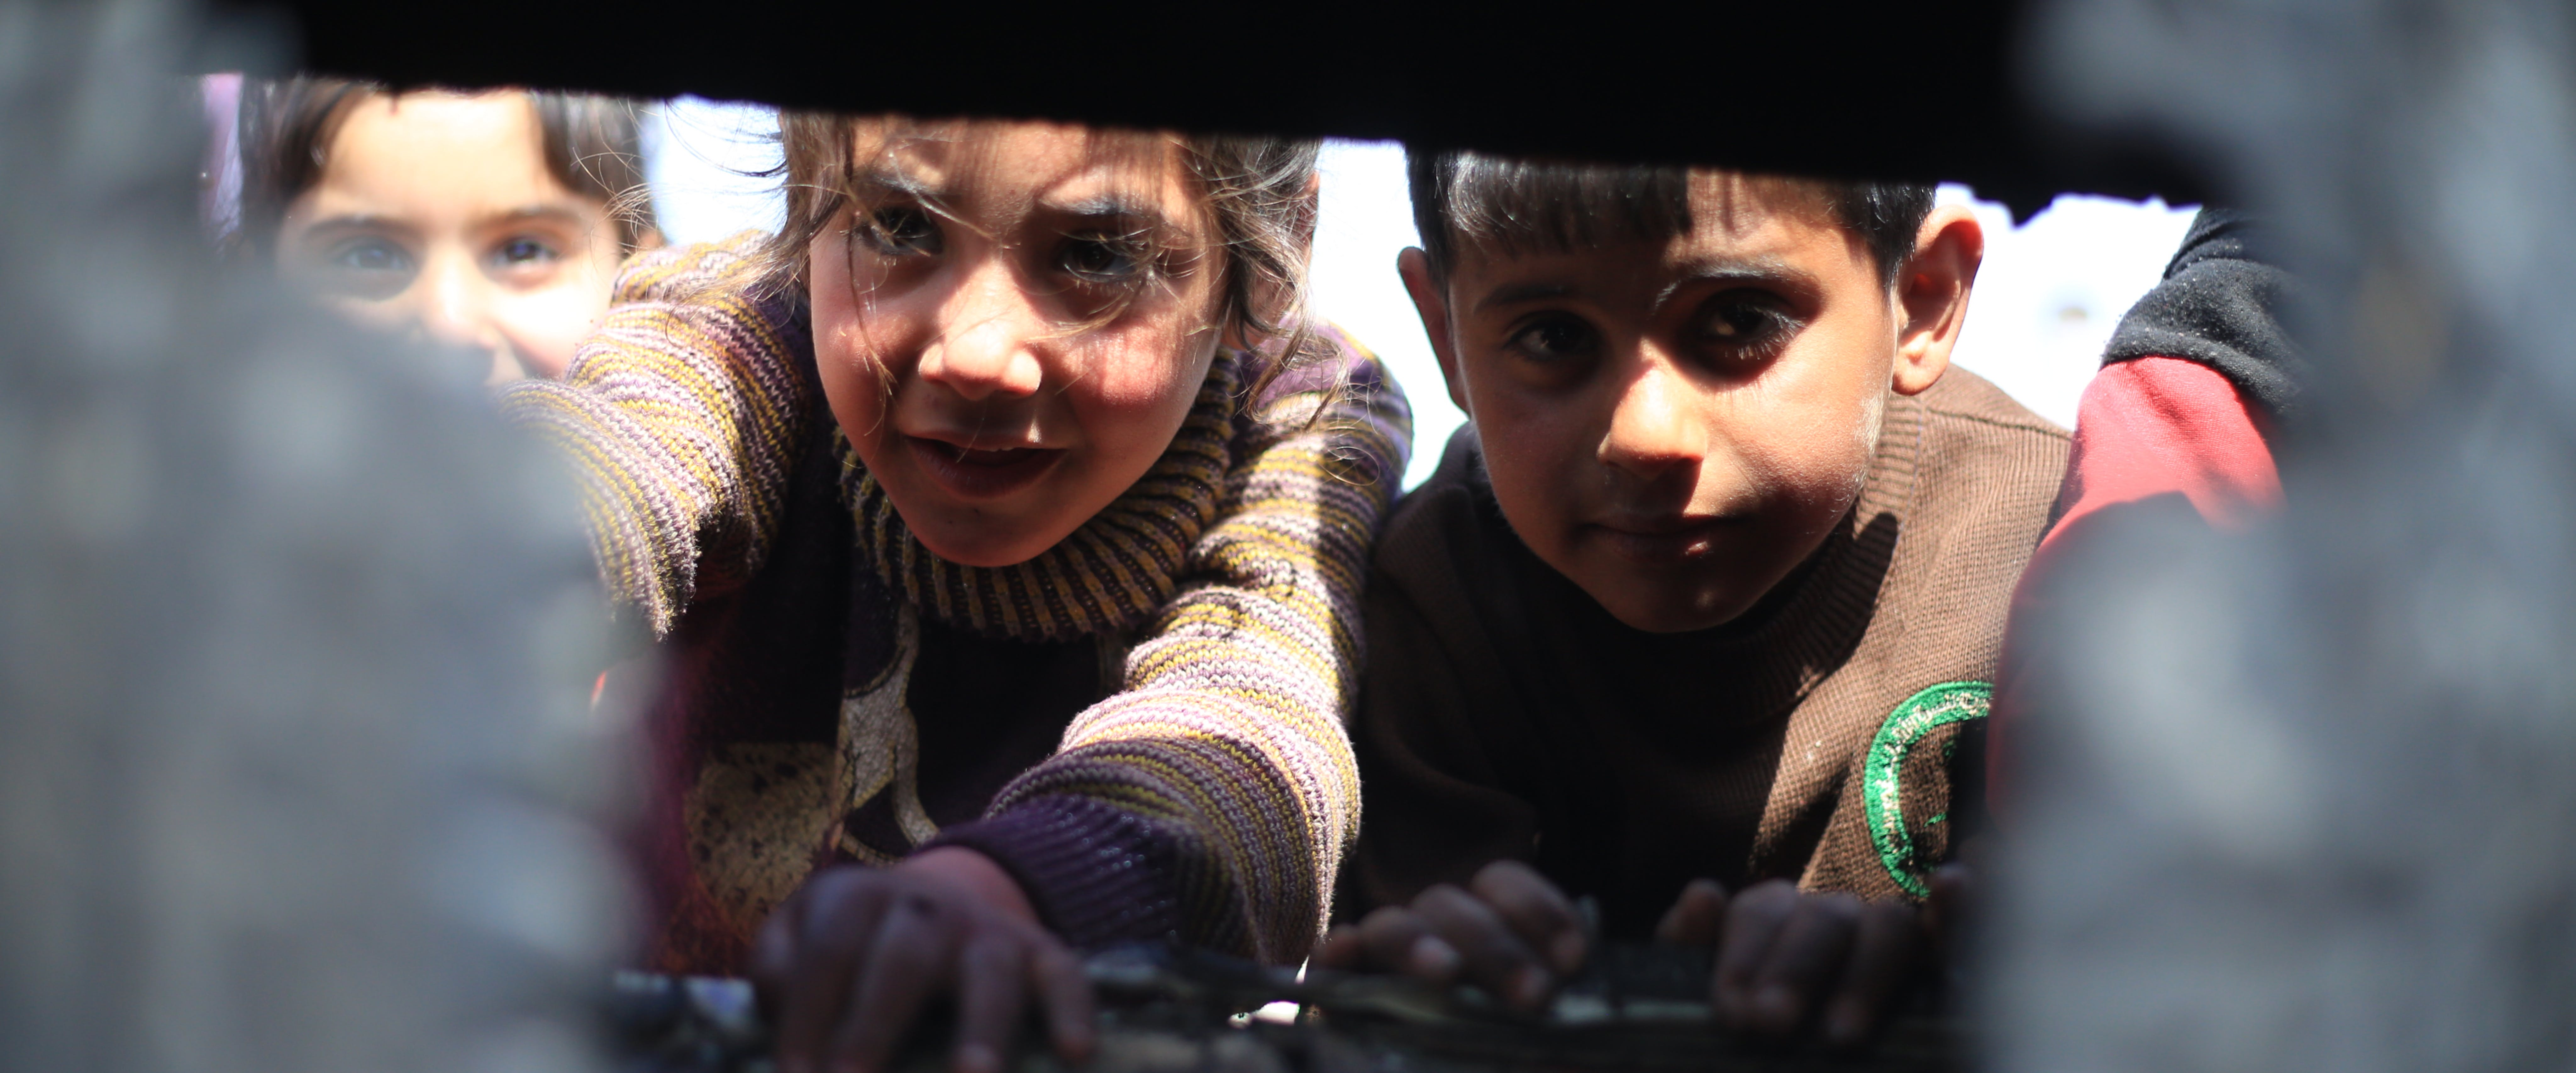 Sostieni UNICEF per aiutare i bambini rifugiati